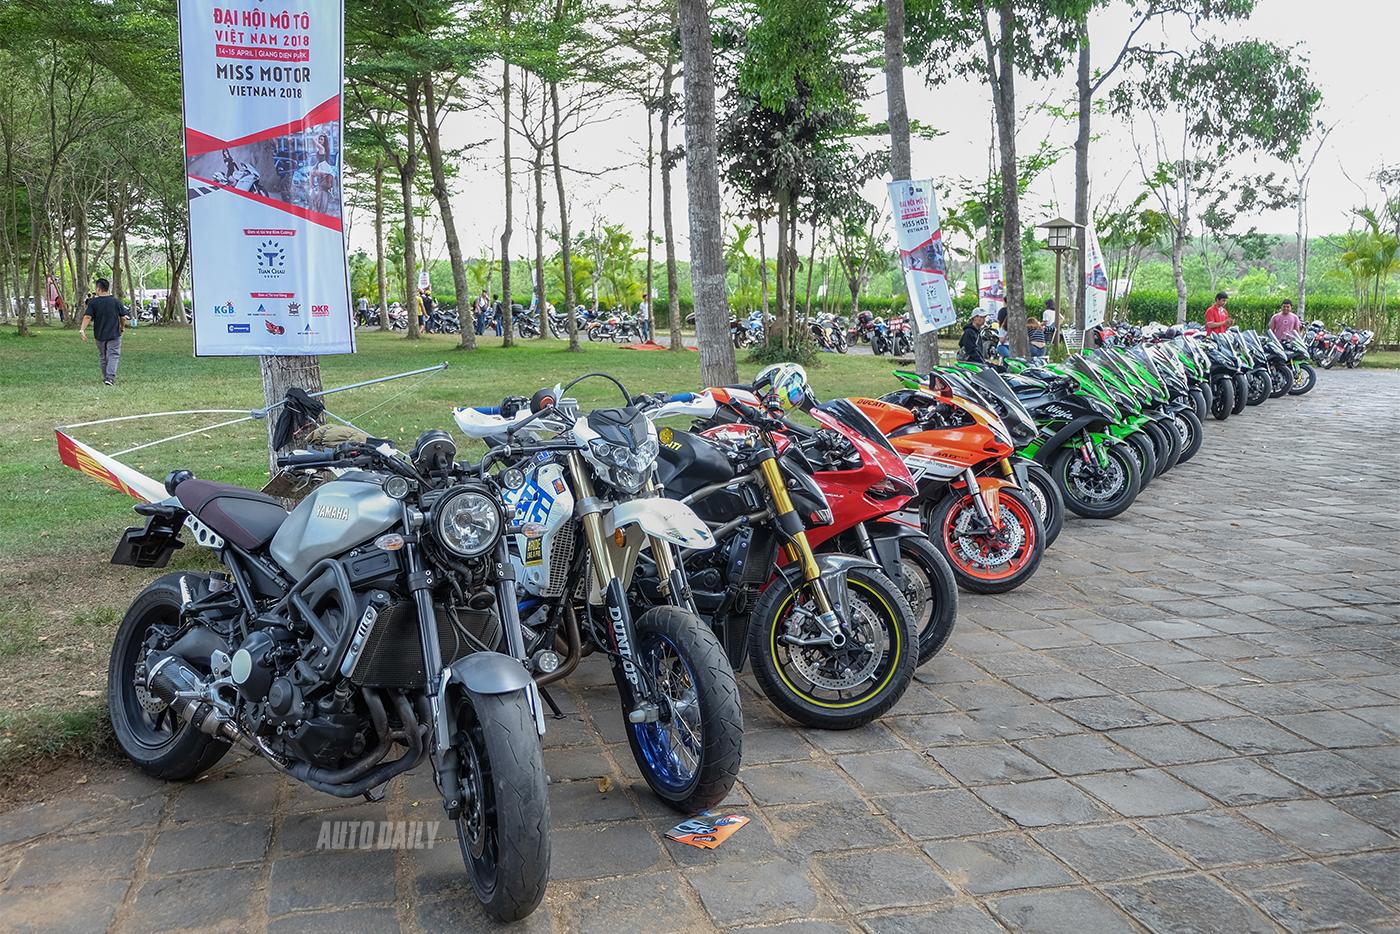 vietnam-motor-festival-2018-23.jpg